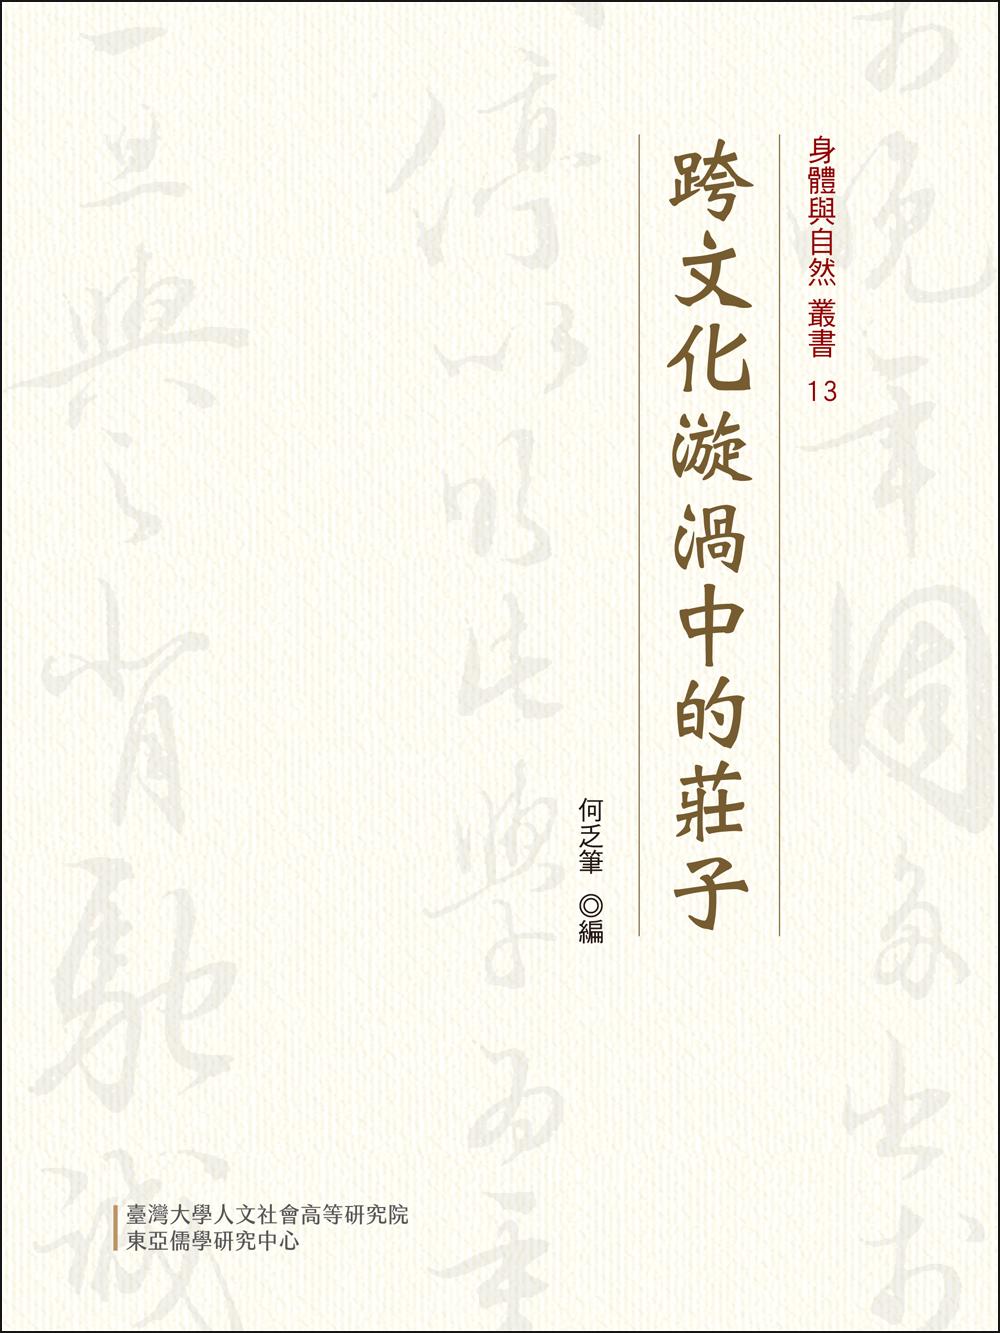 Zhuangzi in Transcultural Turmoil